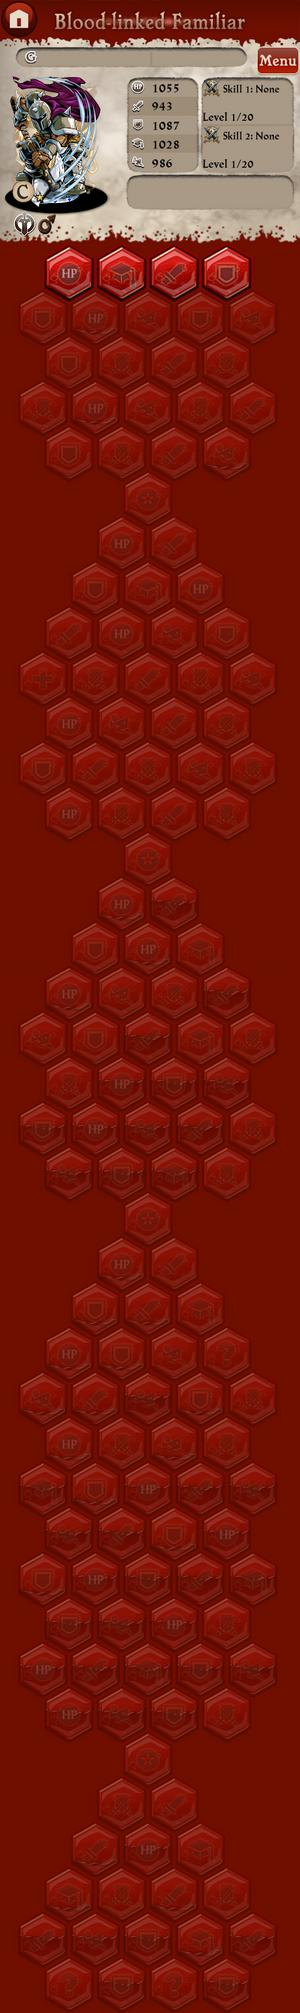 Blood-linked-Ilya-Tree